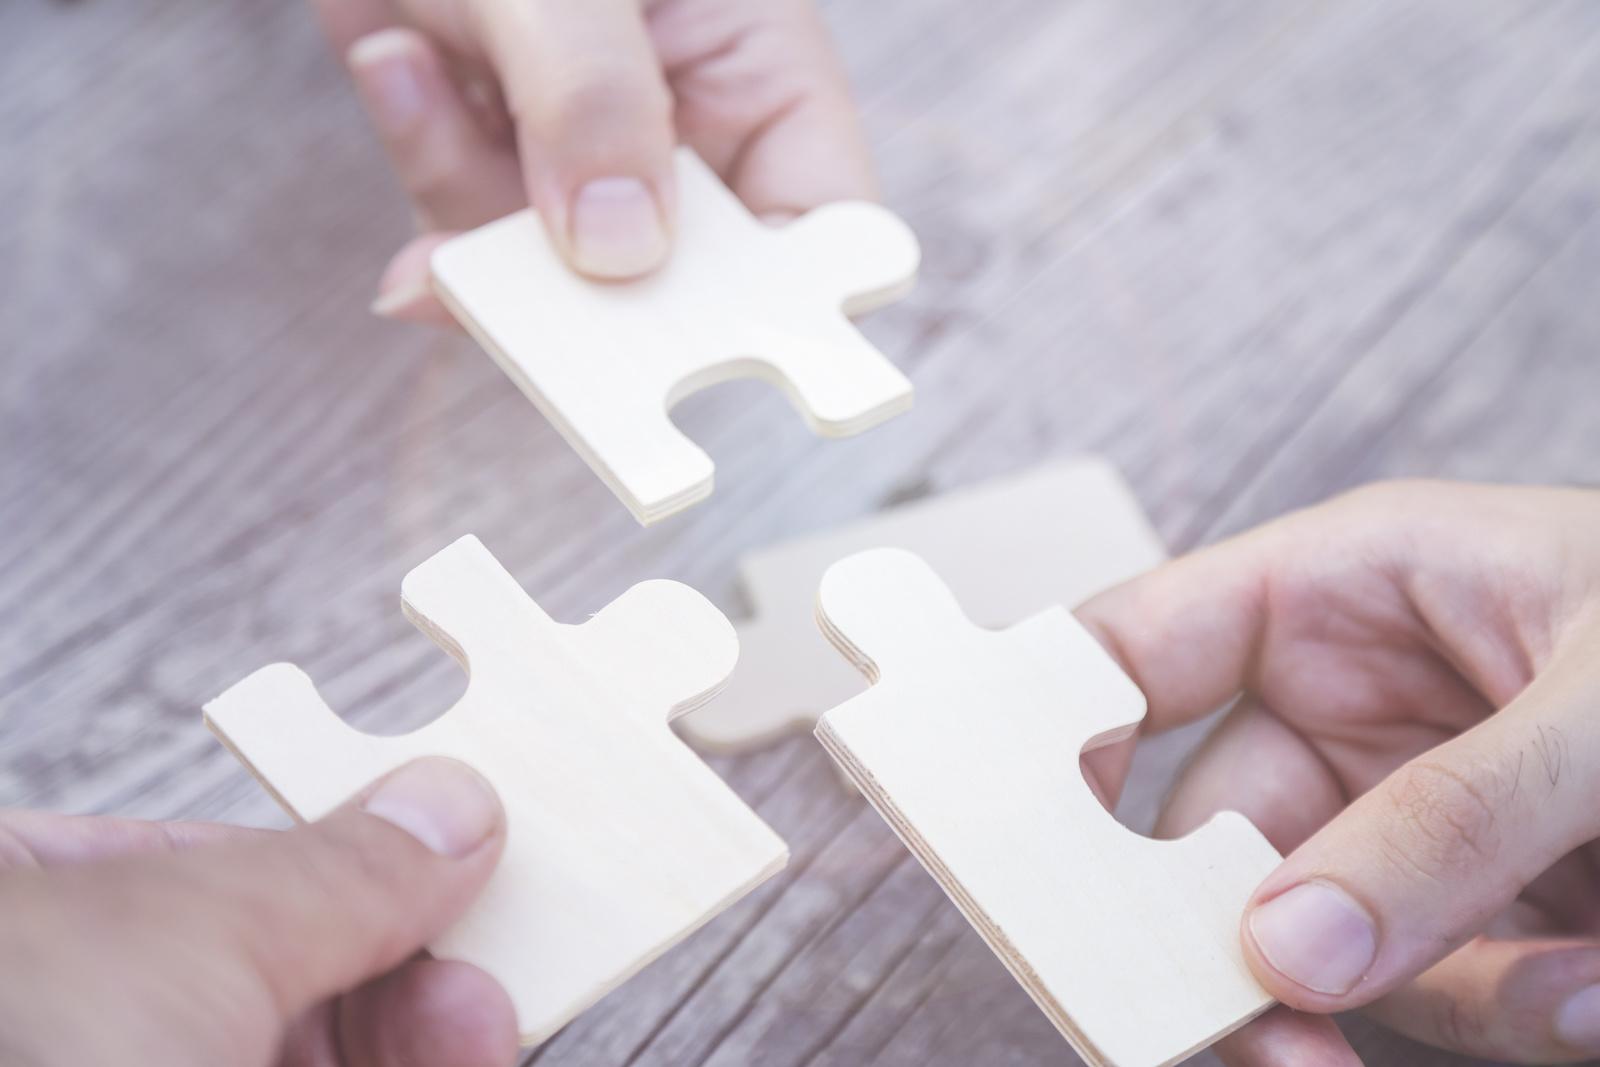 Nutzen Sie SEO & SEA Synergien aus. Wir stellen Ihnen 3 Wege vor, die Synergien von SEO & SEA zügig für sich auszunutzen.